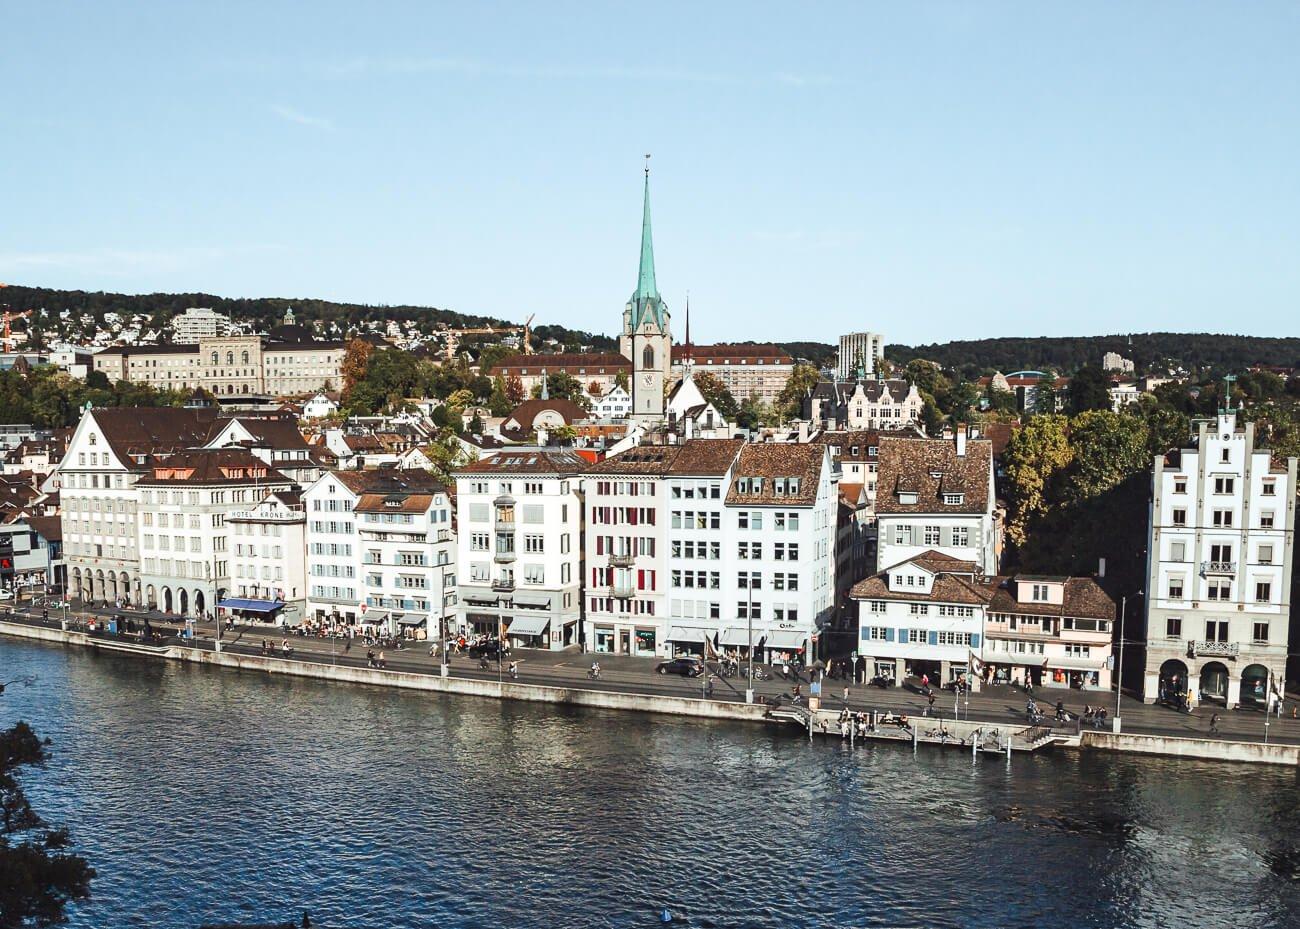 O que fazer em Zurique roteiro de um dia- Lindenhof